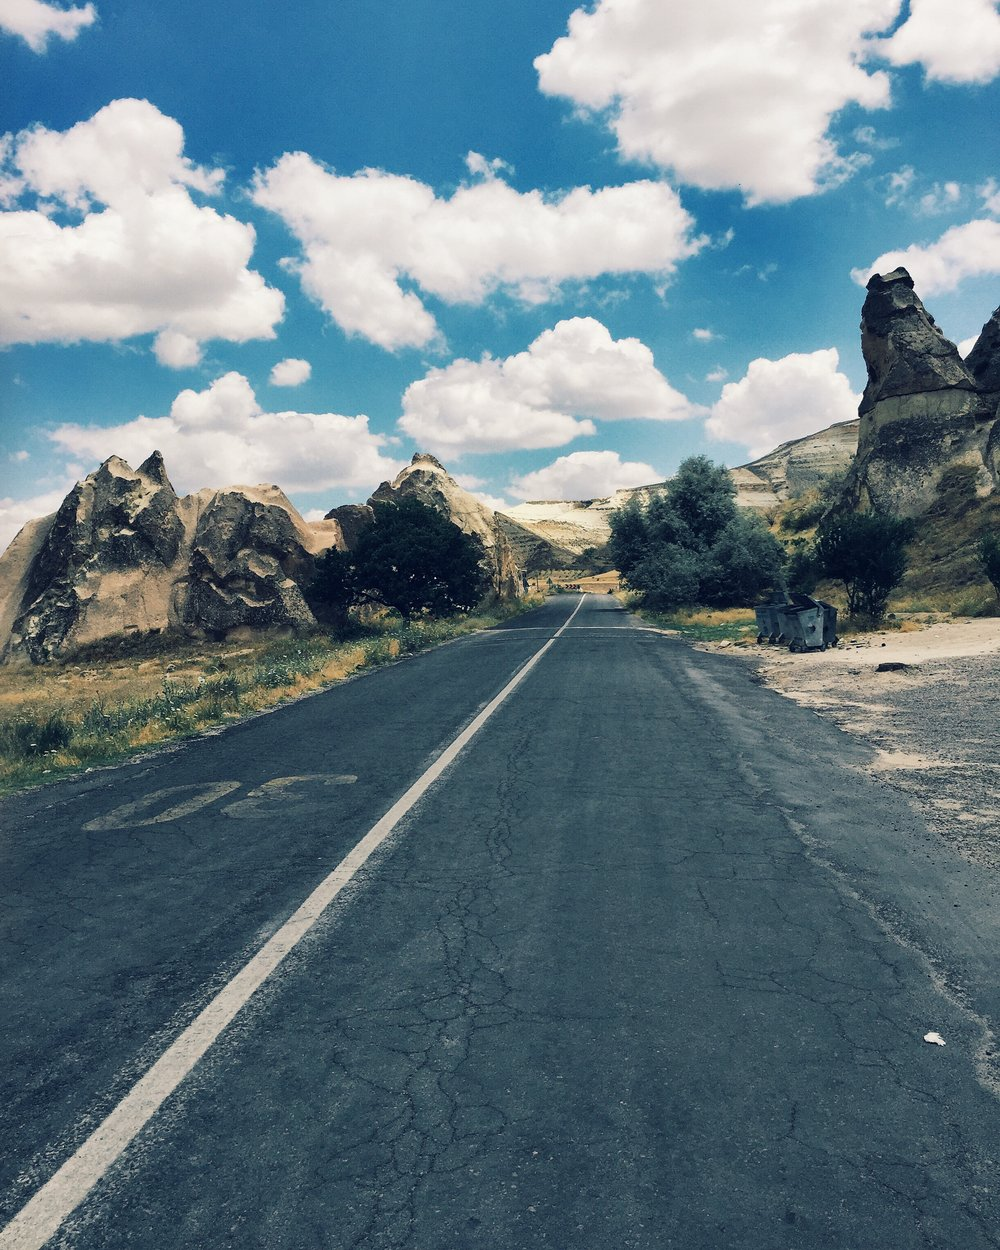 Welcome to Cappadocia